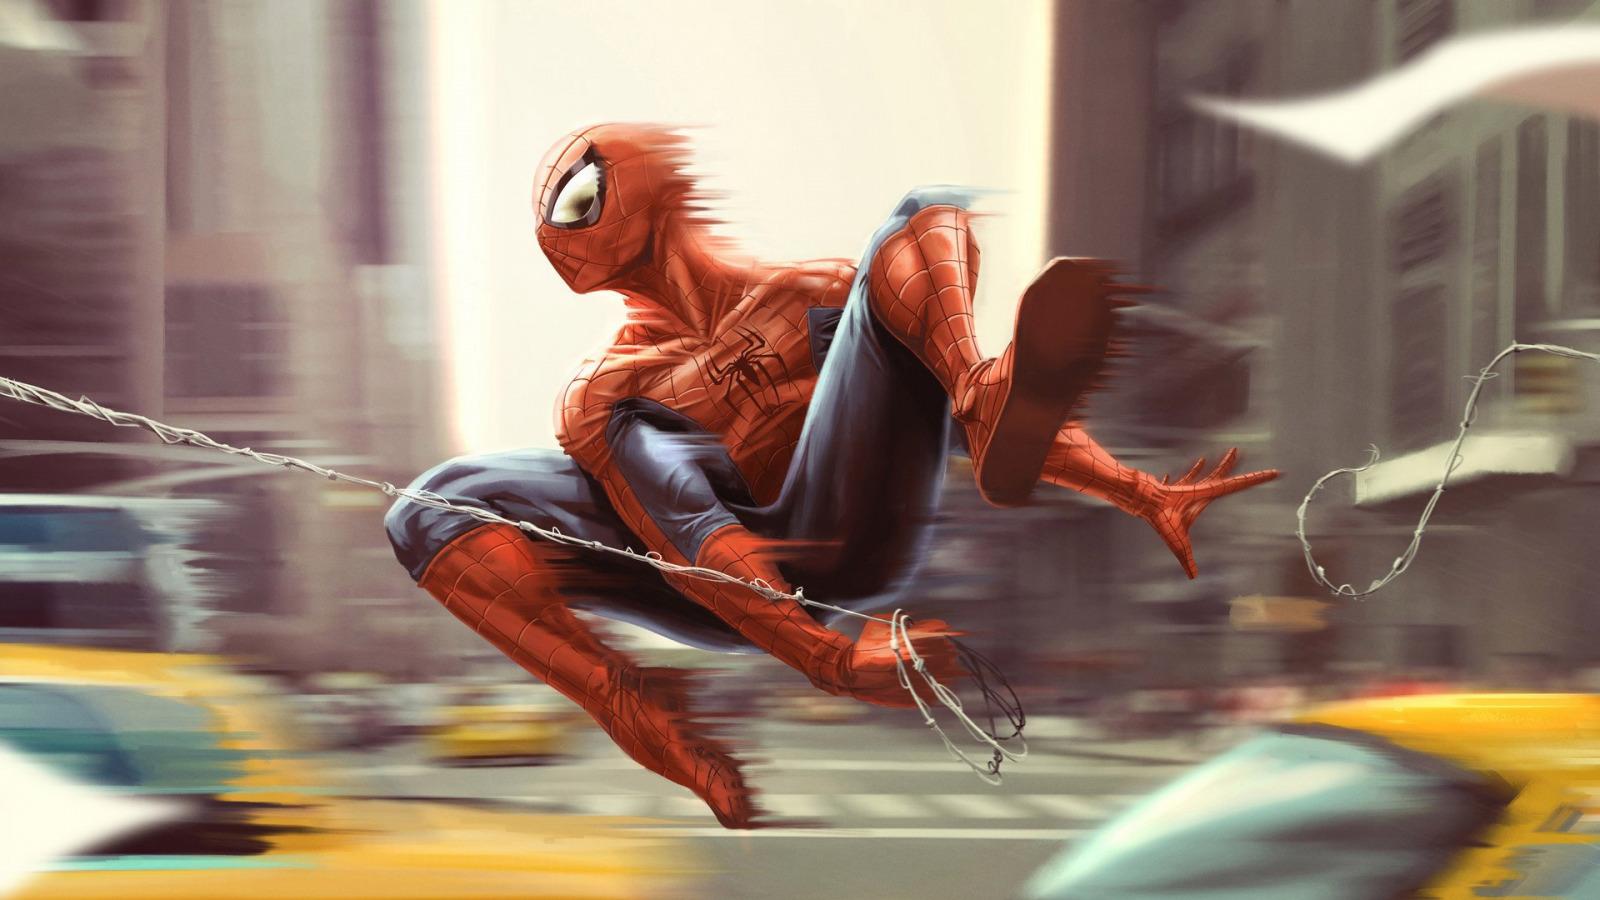 человек паук прыжок  № 3316418 загрузить